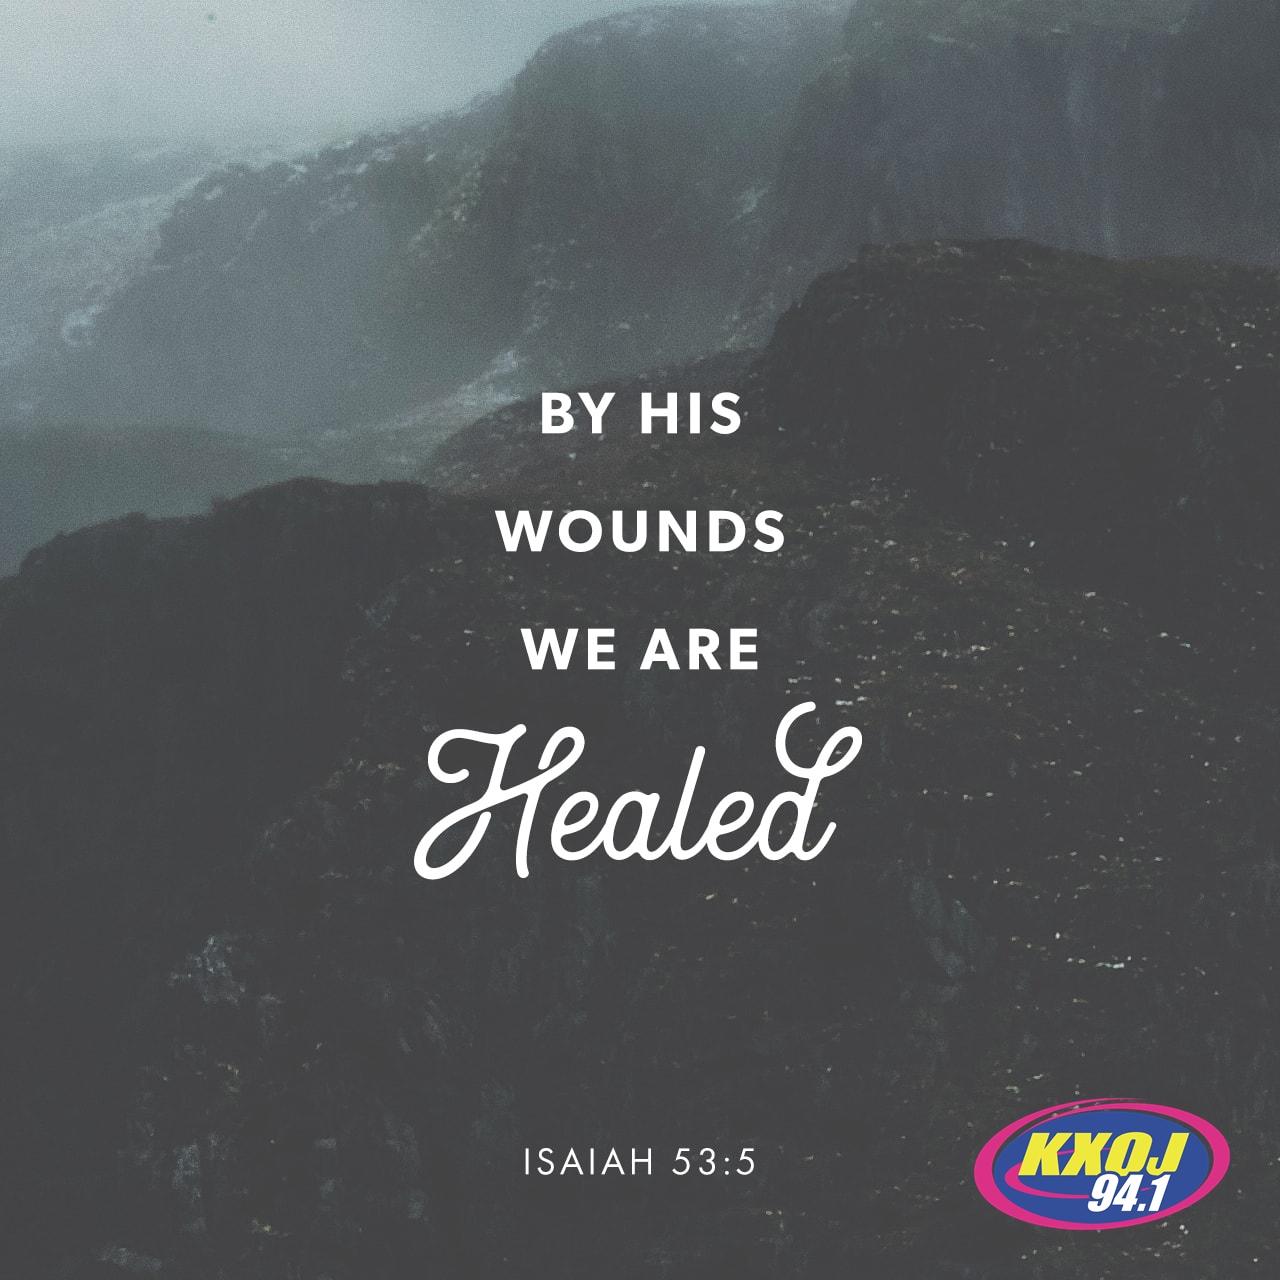 April 19th - Isaiah 53:5